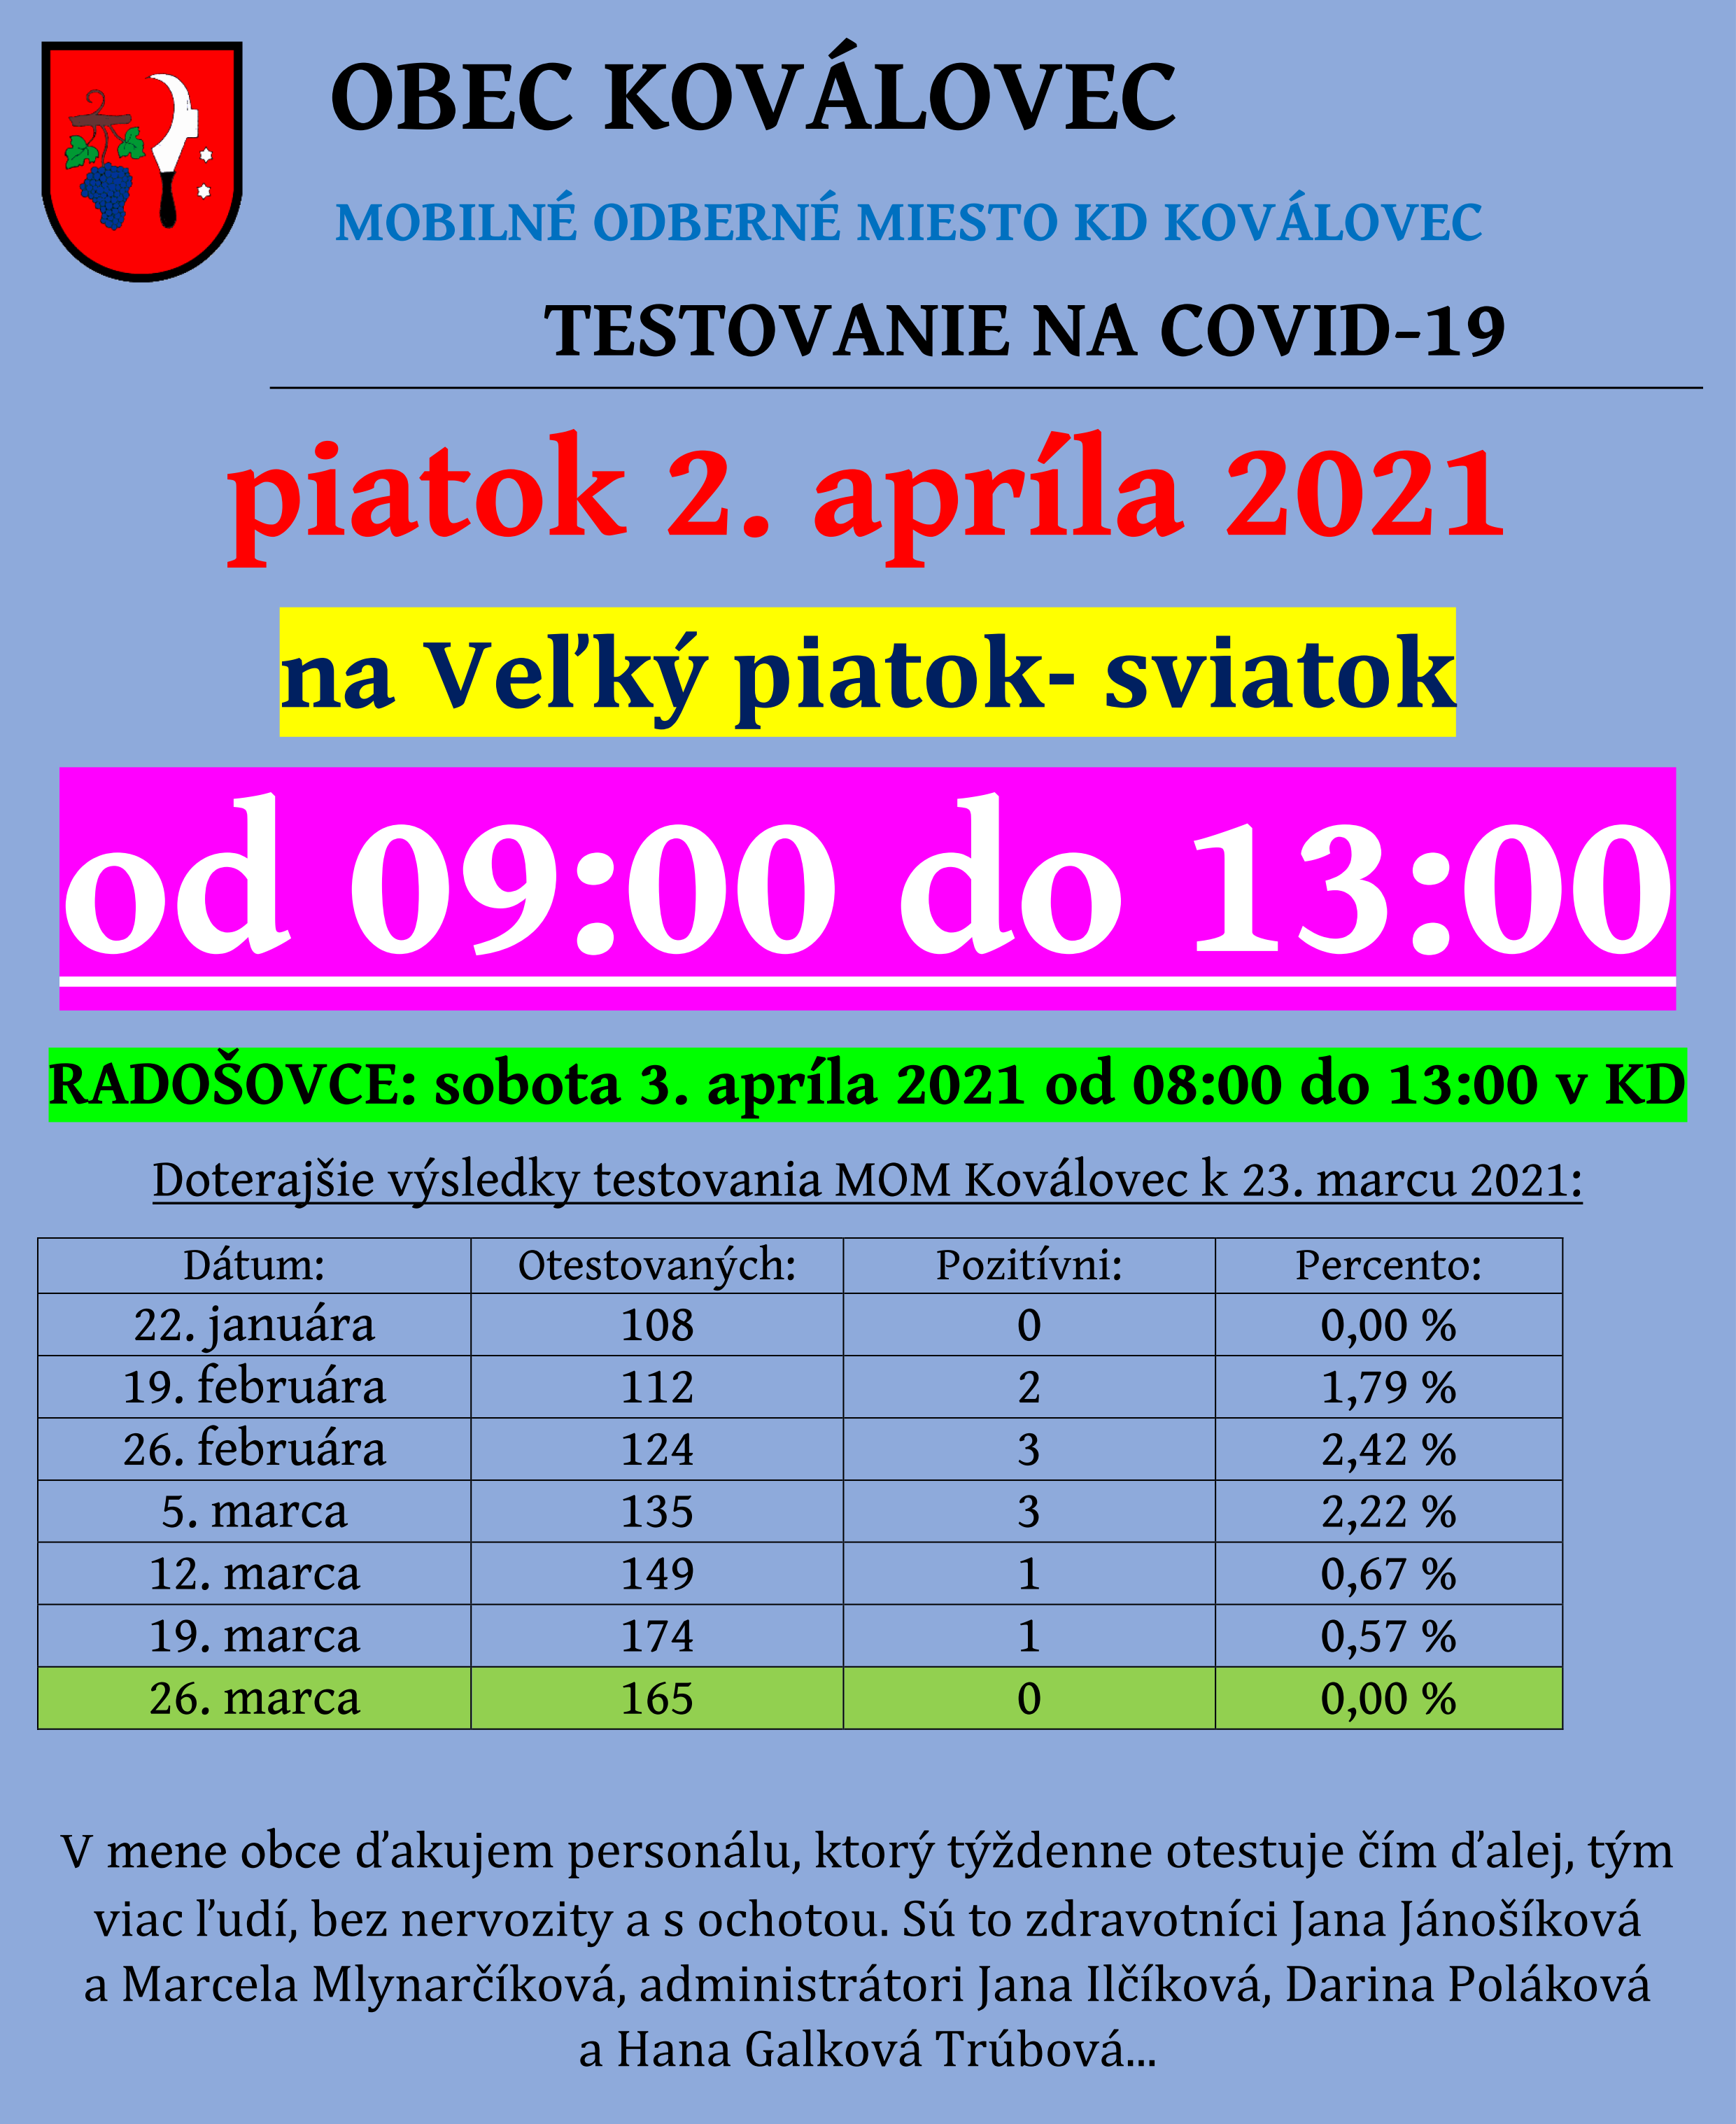 test02042021a